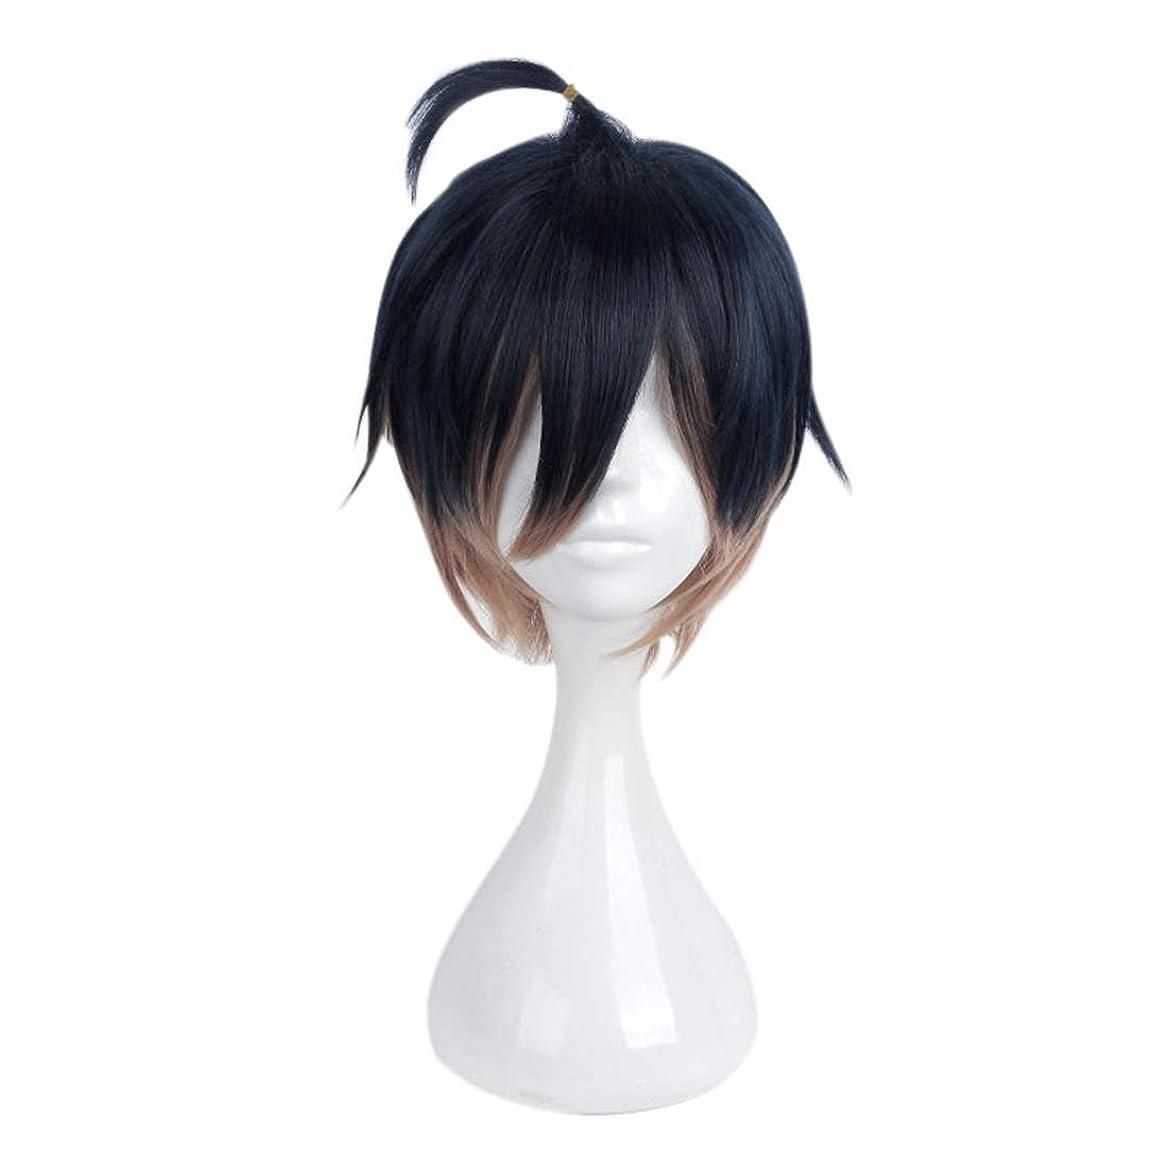 理容師拘束単独でKoloeplf ショートヘアグラデーションカラーウィッグコスプレウィッグメンズスモールスコーピオンマイクロショートヘア (Color : Gradient)